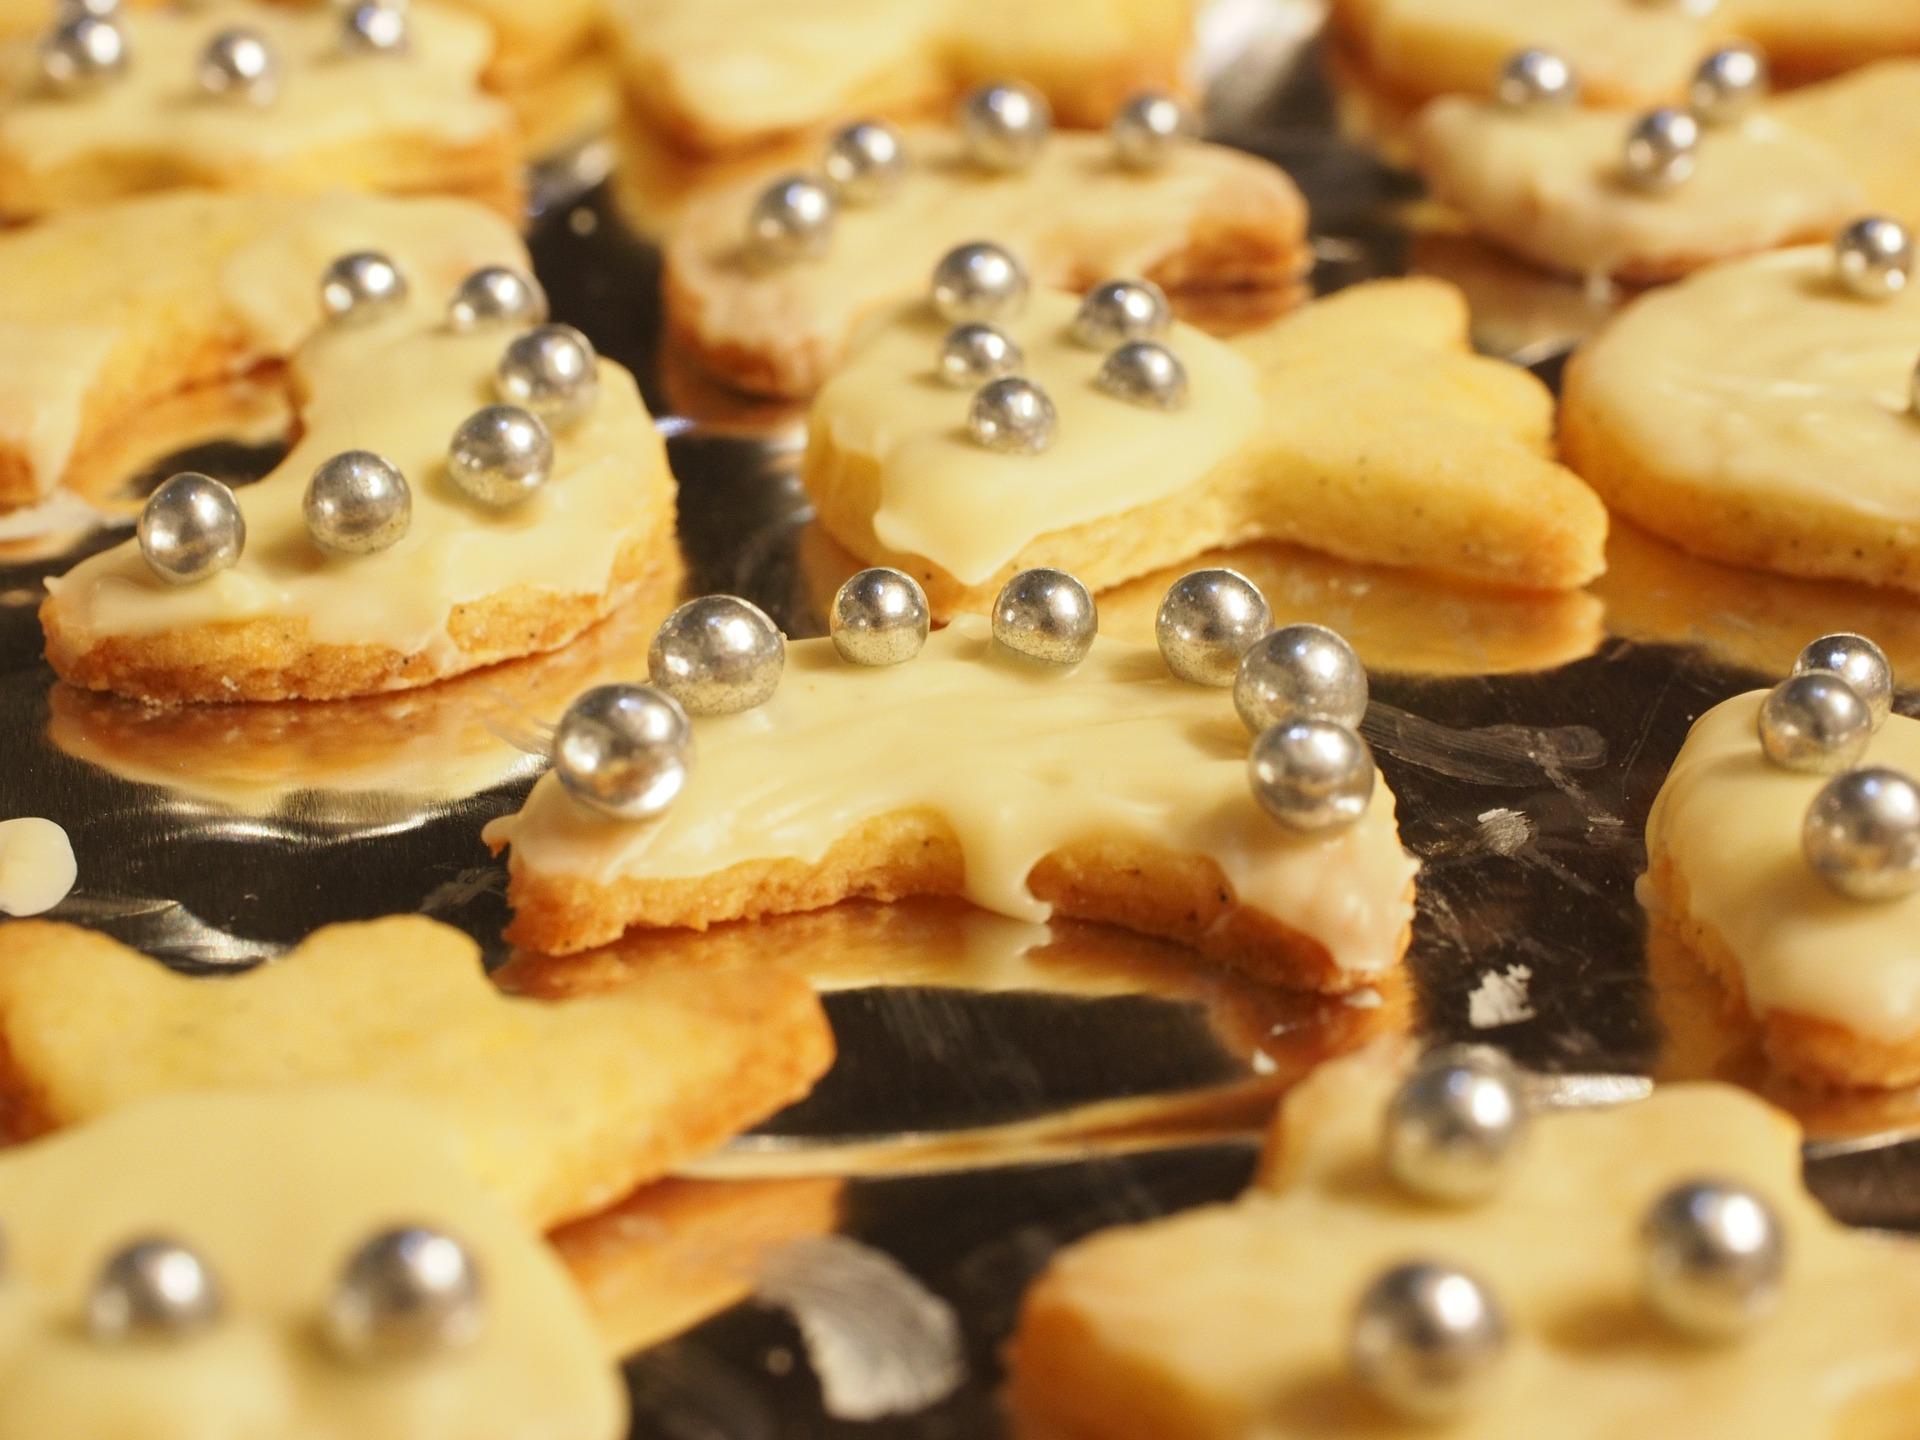 cookie-919798_1920 pixabay